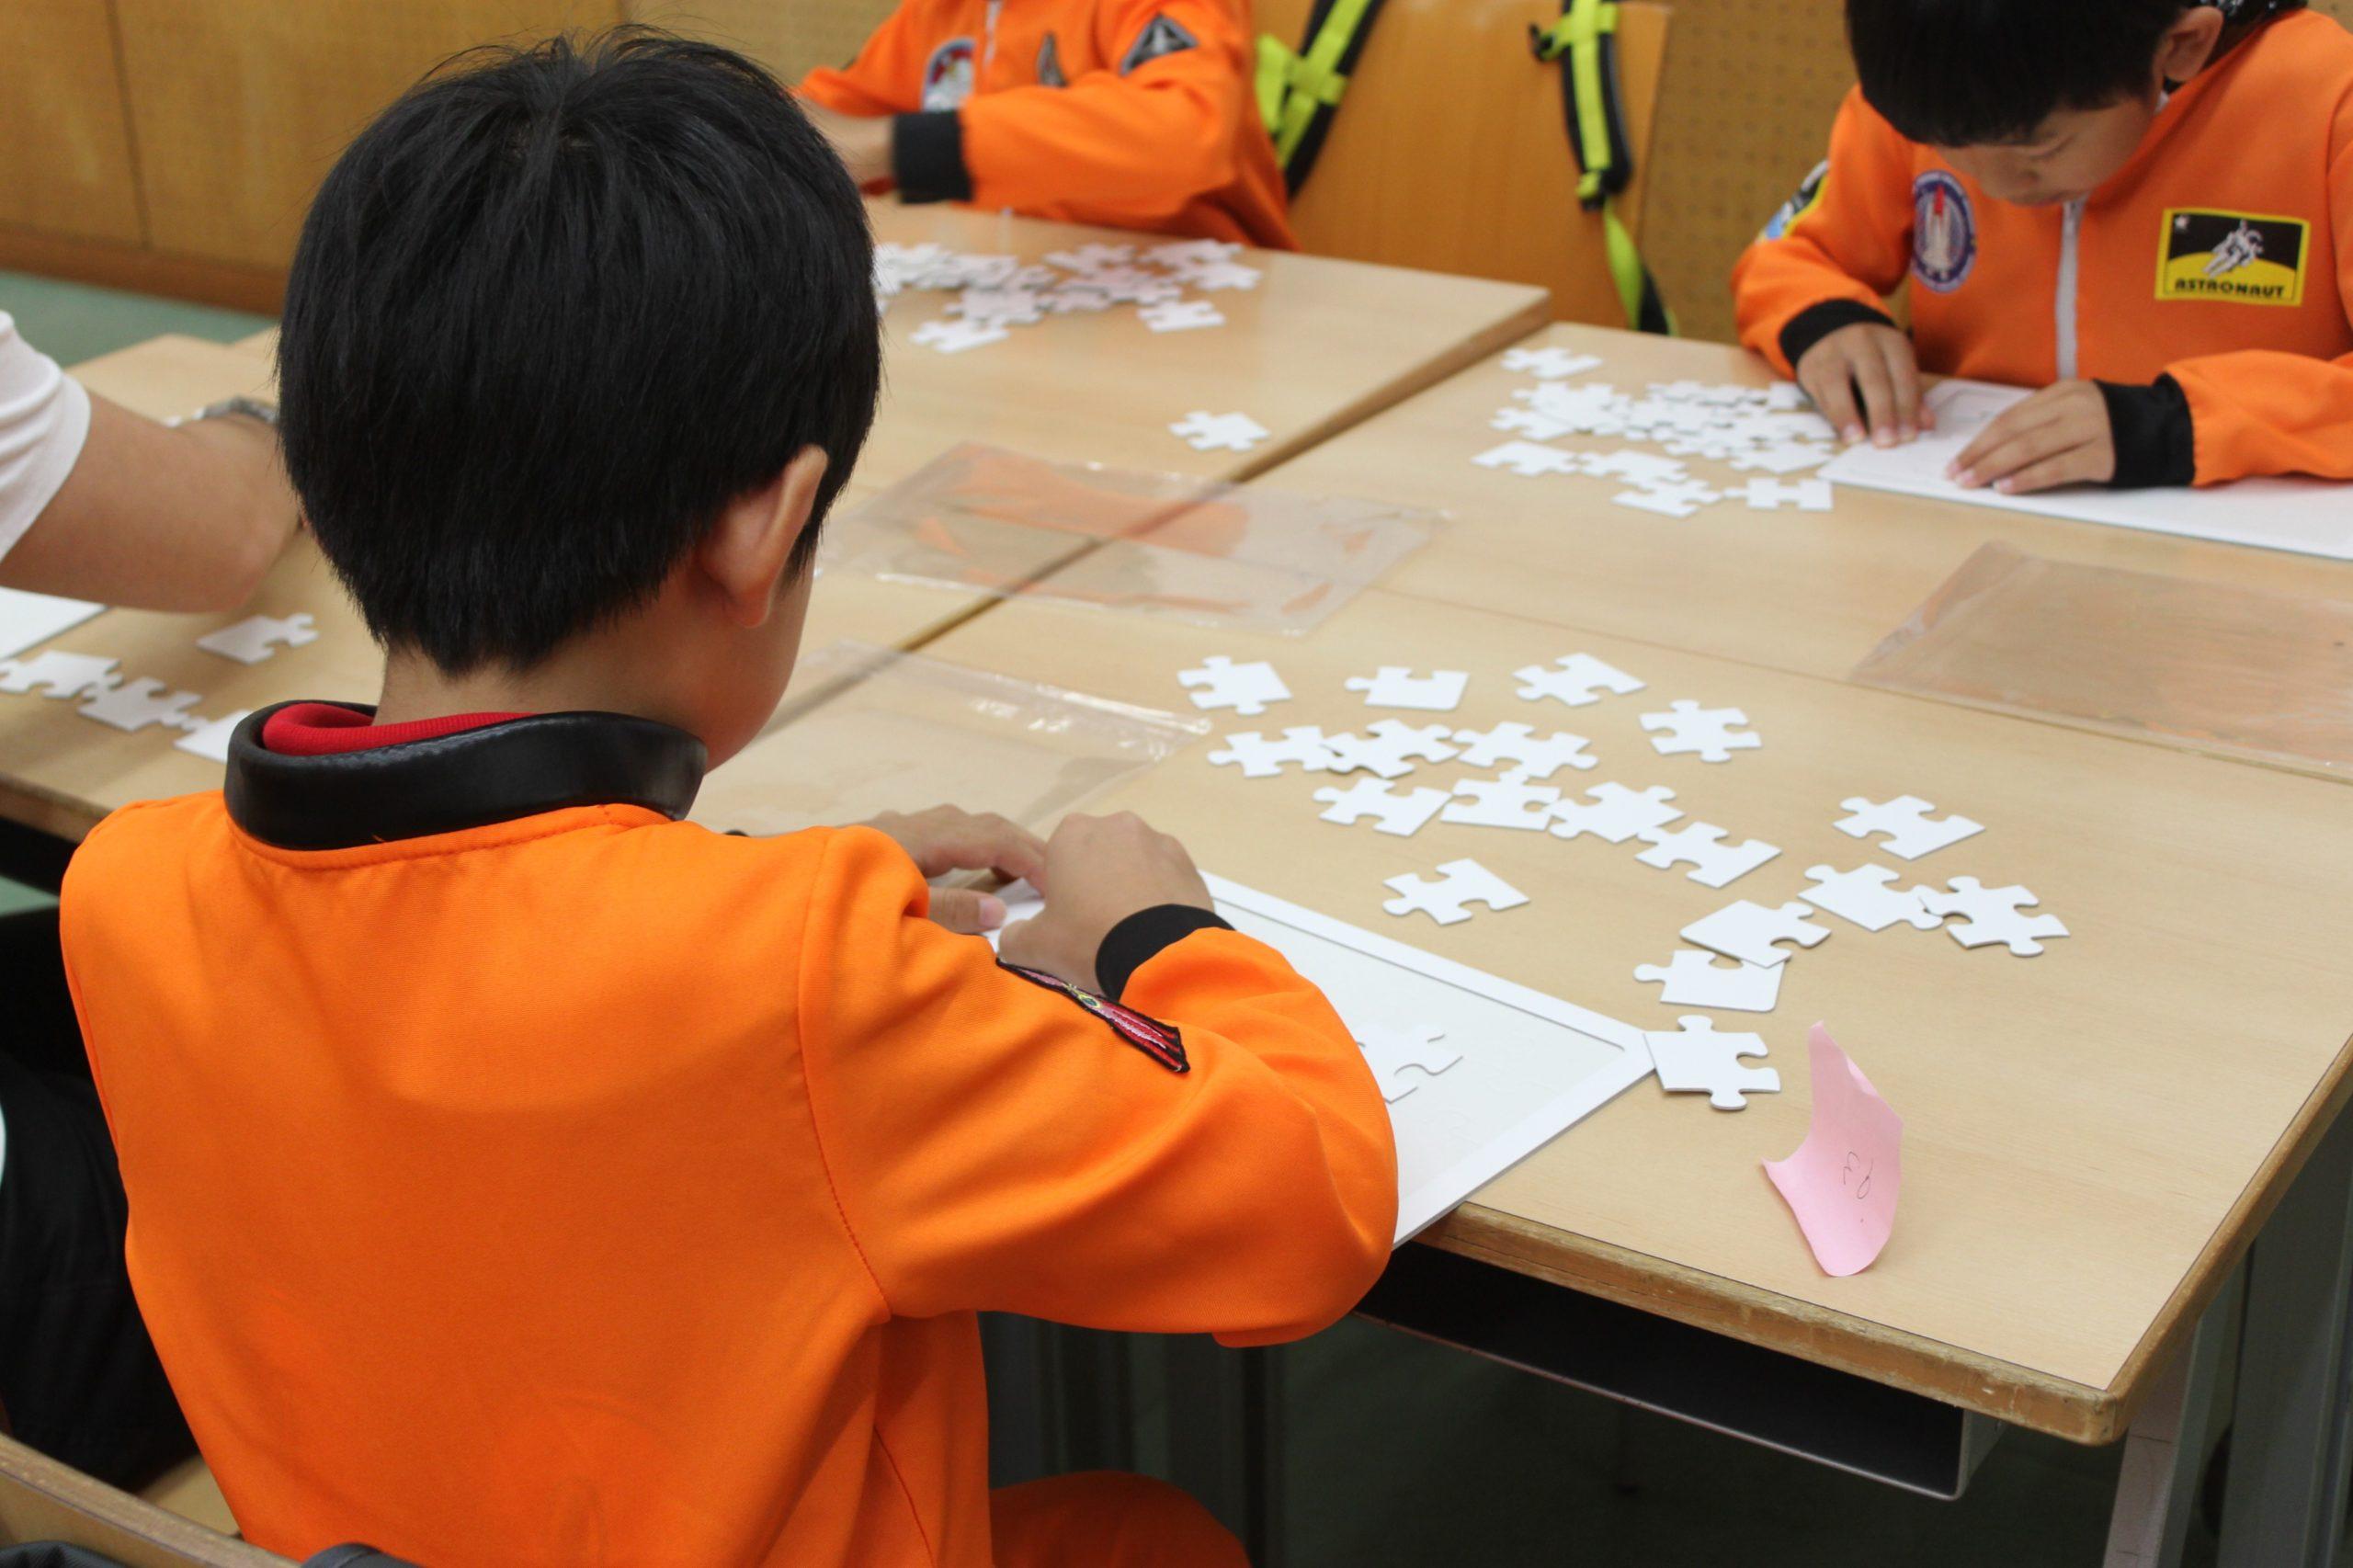 海陽学園(愛知県蒲郡市)体験入学で模擬授業としてのコンテンツを提供